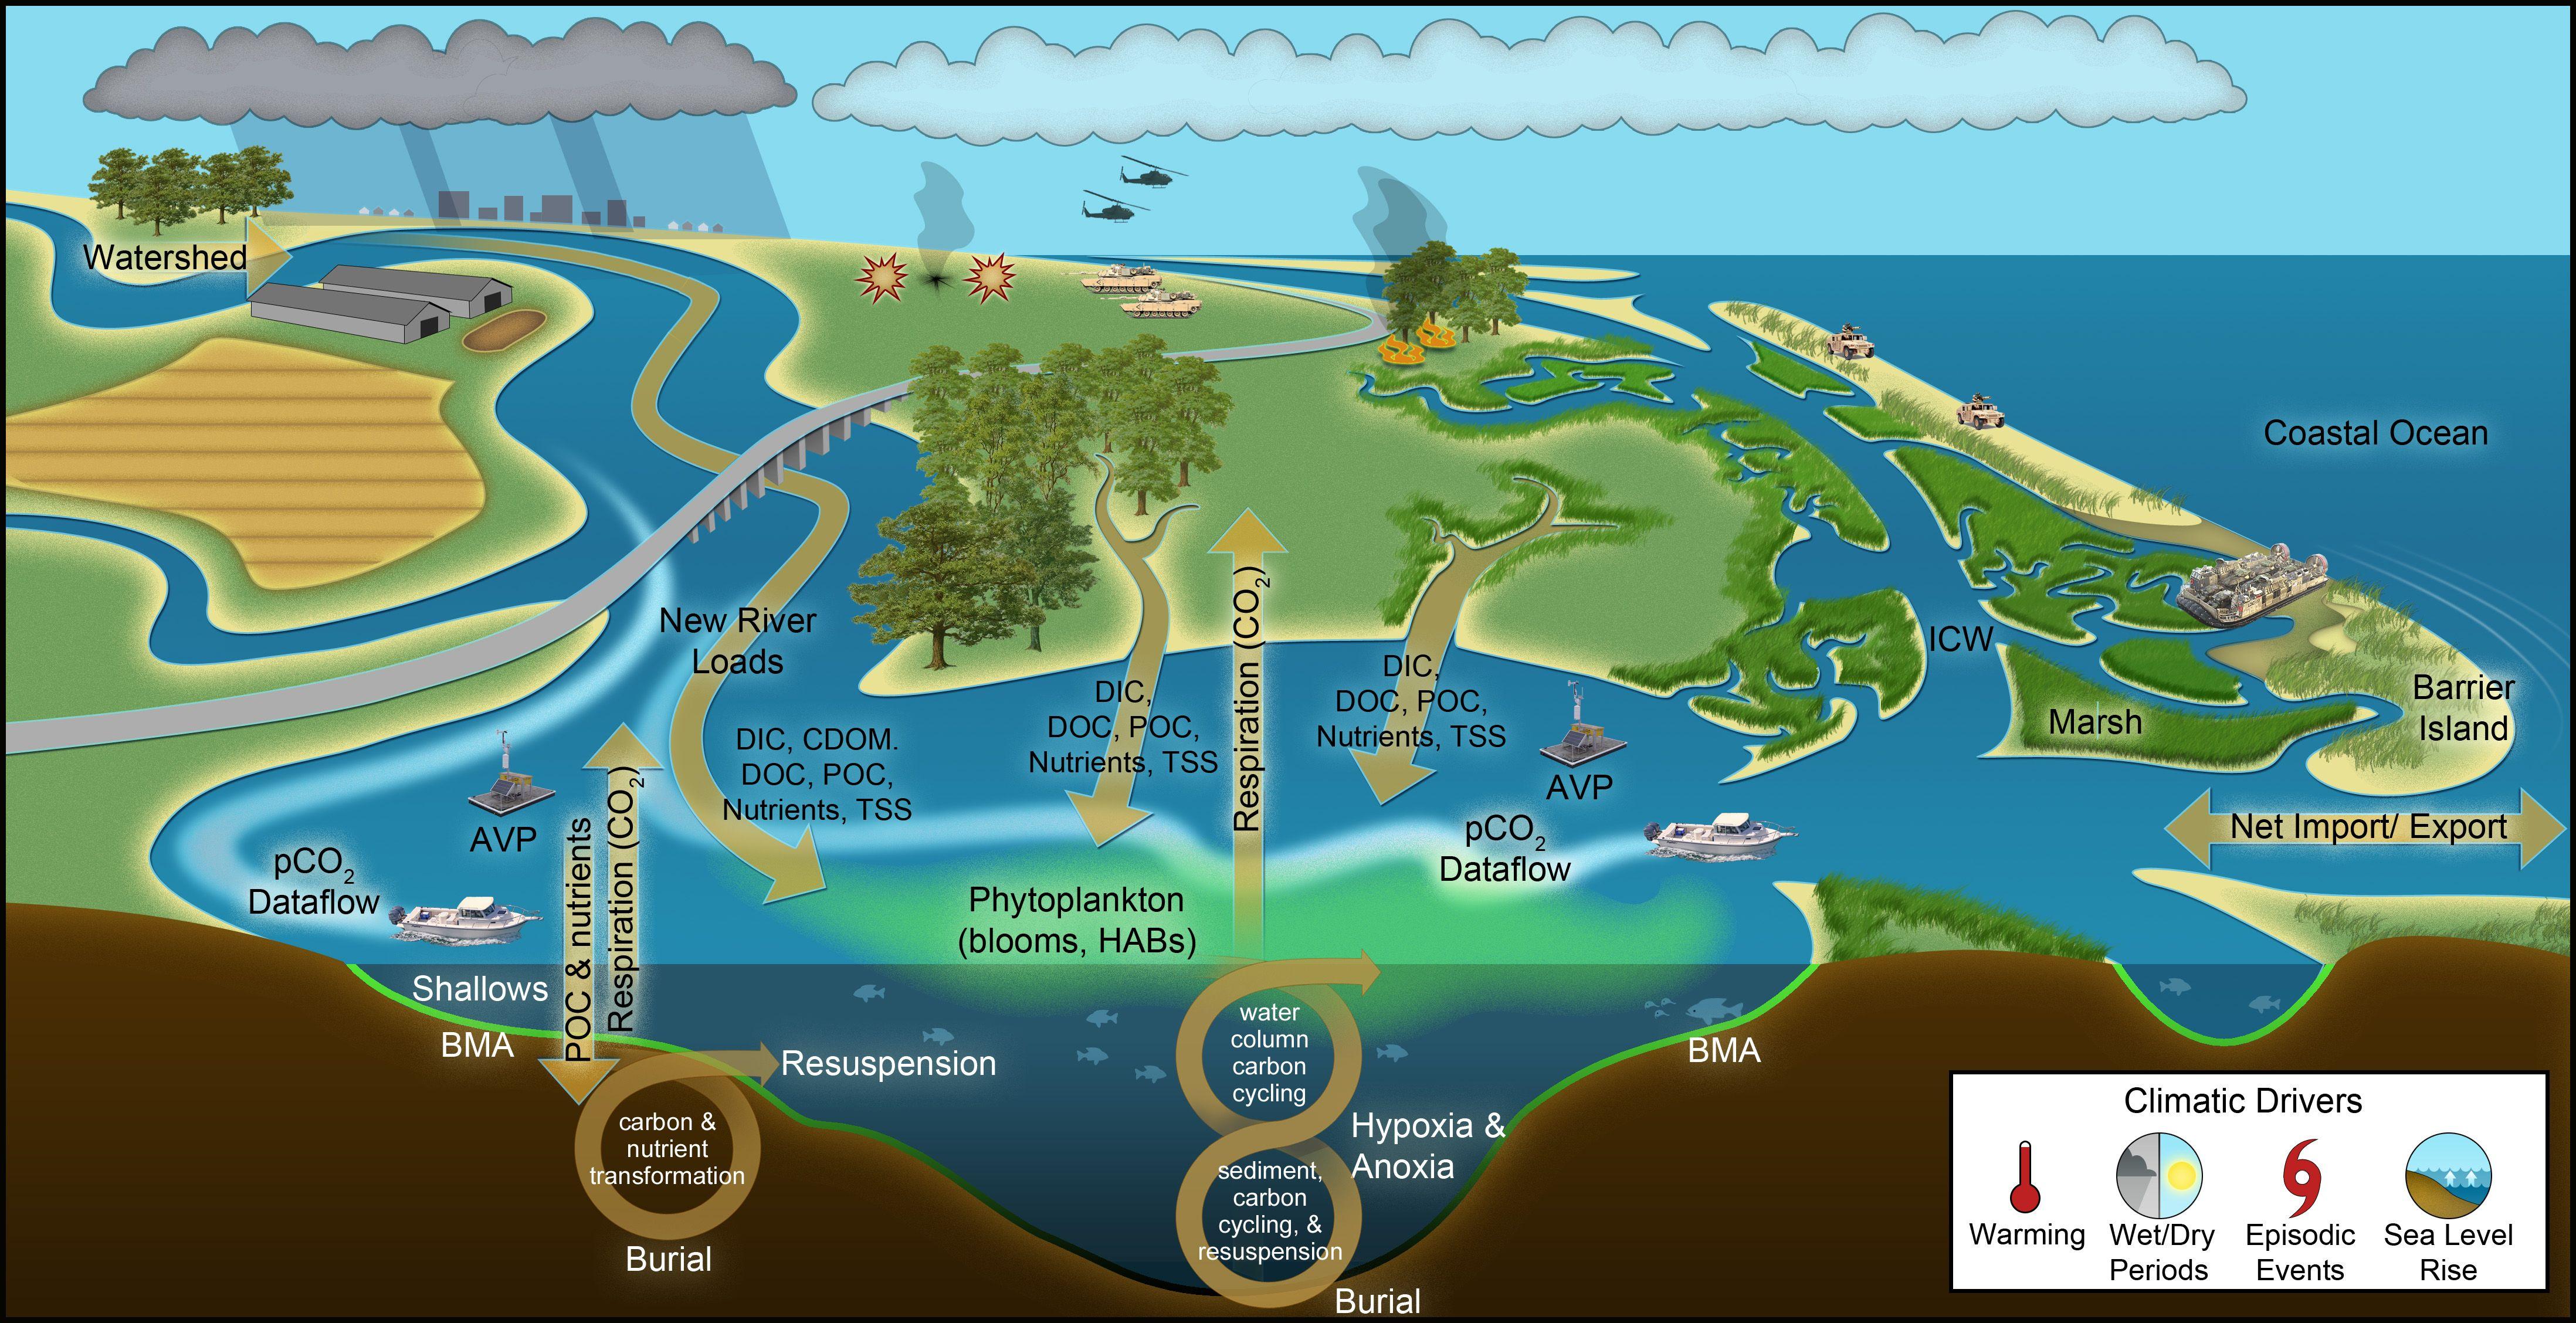 Conceptual Model For The Aquatic Estuarine Module